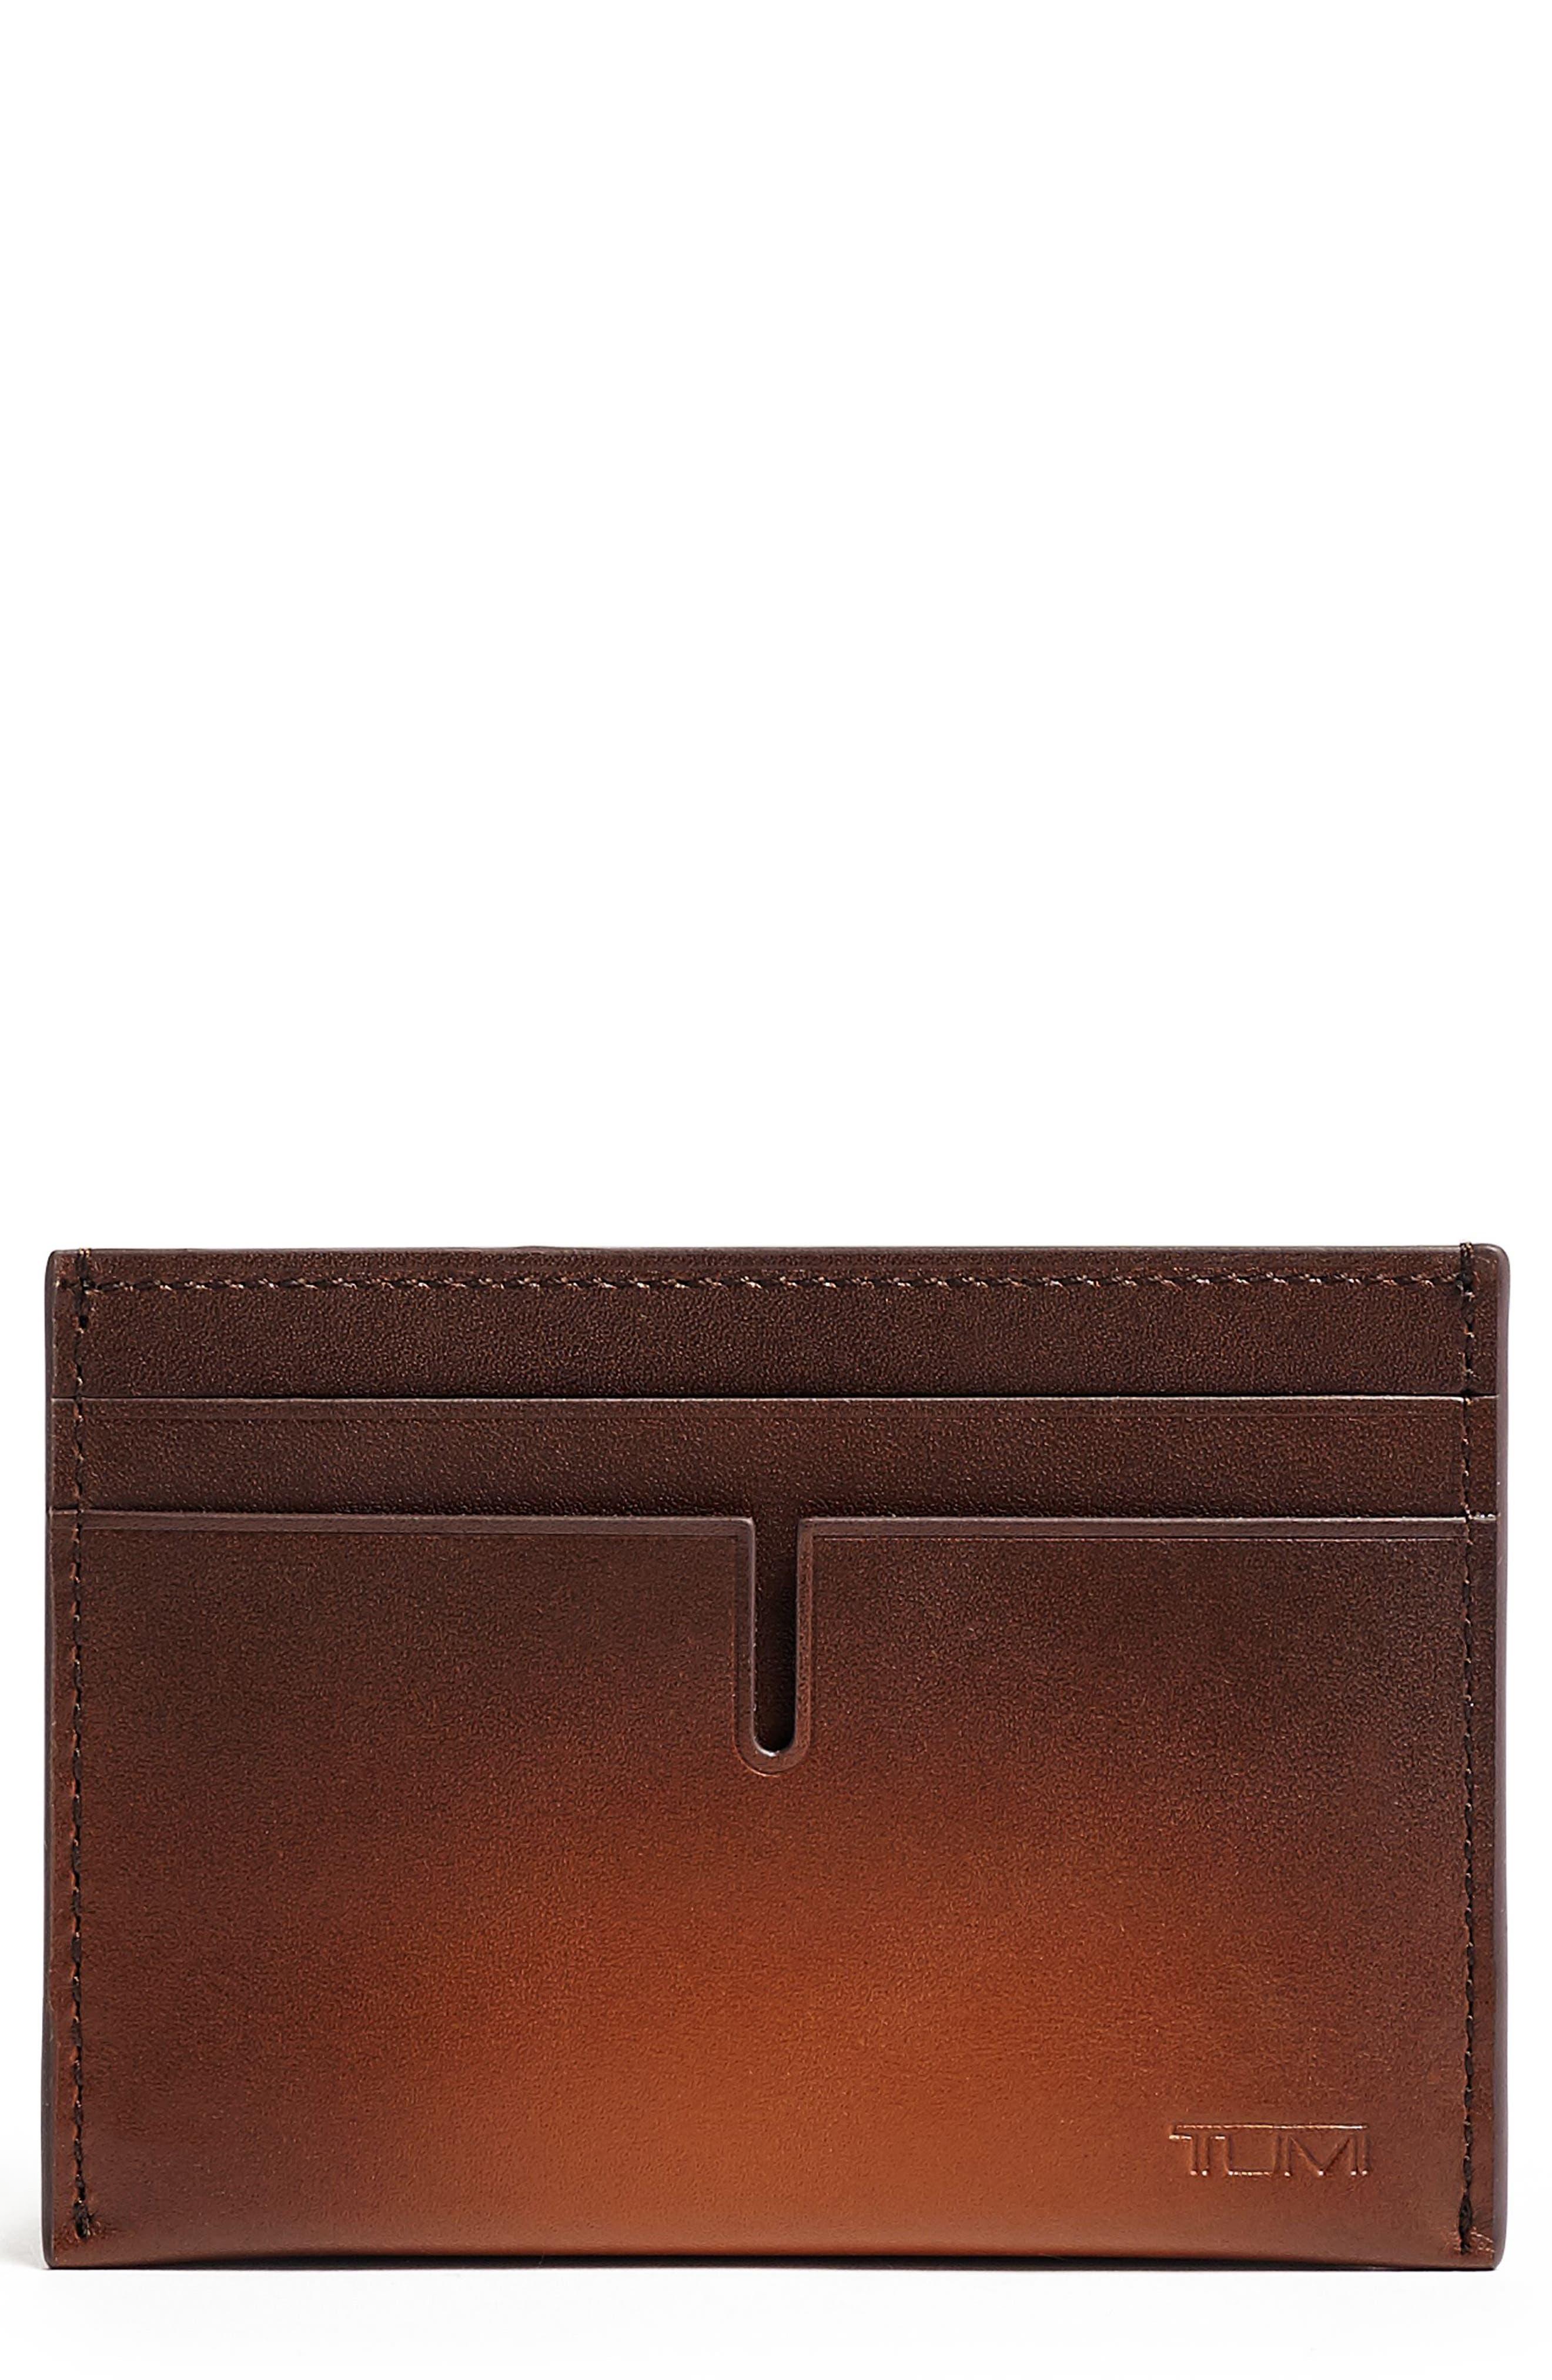 TUMI Nassau RFID Leather Card Case, Main, color, WHISKEY BURNISHED